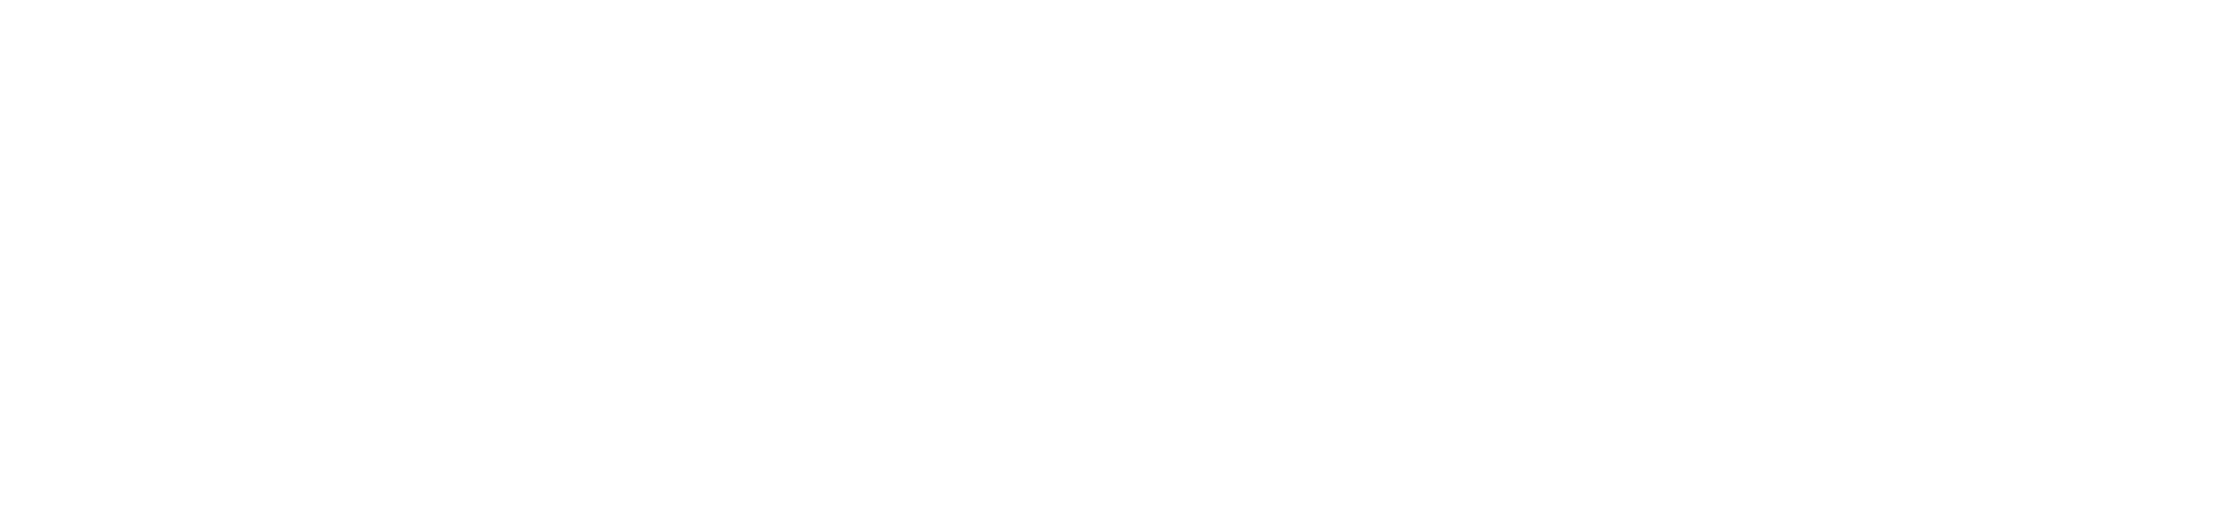 pritek systems oy logo